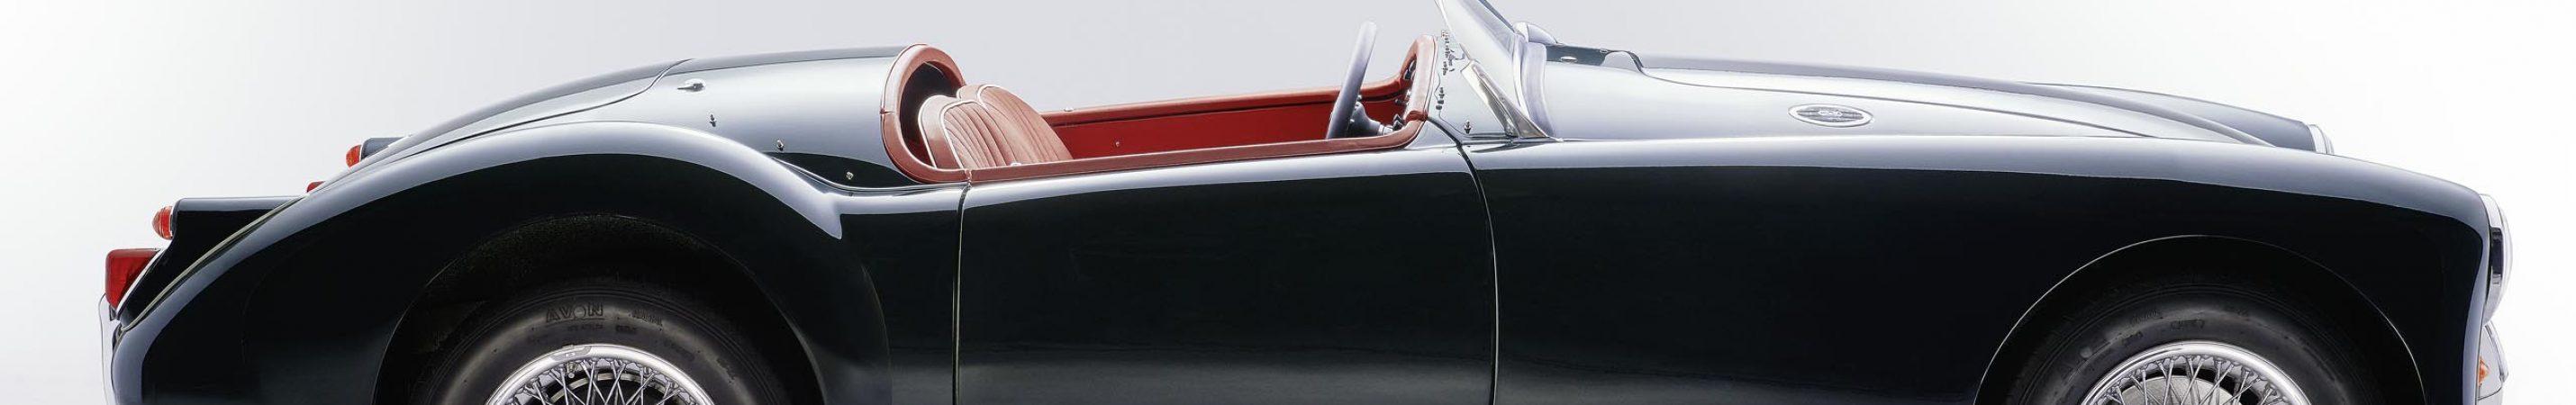 Der MGA Speedster - für uns ein Paradebeispiel perfekter Restaurierung und Konservierung